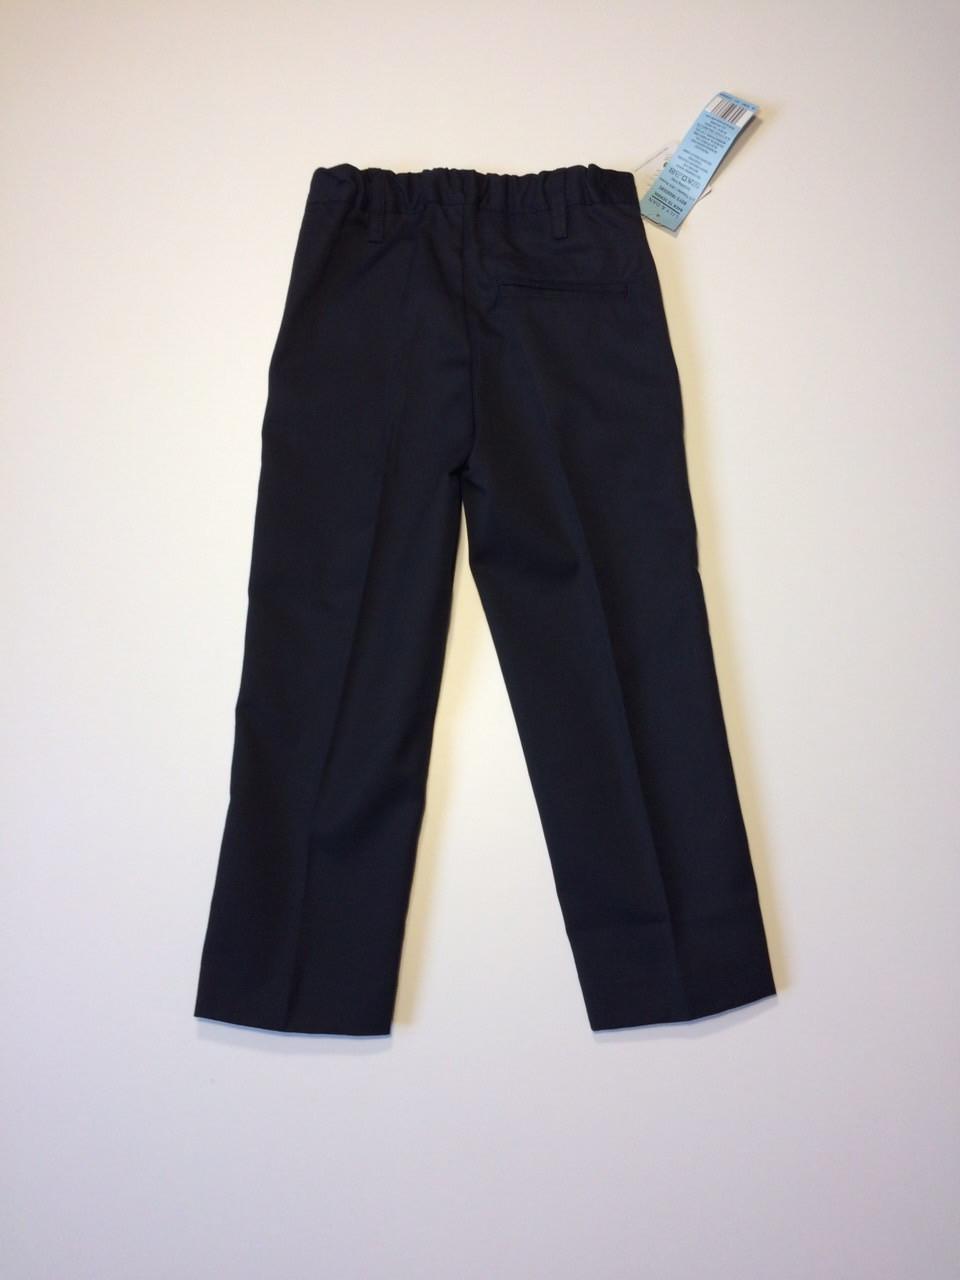 Класичні штани на хлопчика Lily&Dan 3-4 роки, зростання 98/104